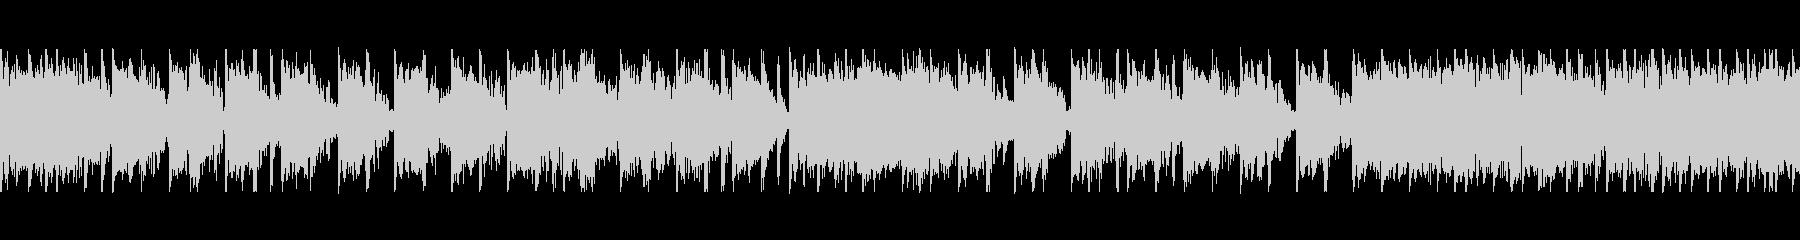 ダークなイメージのゆっくりな曲の未再生の波形